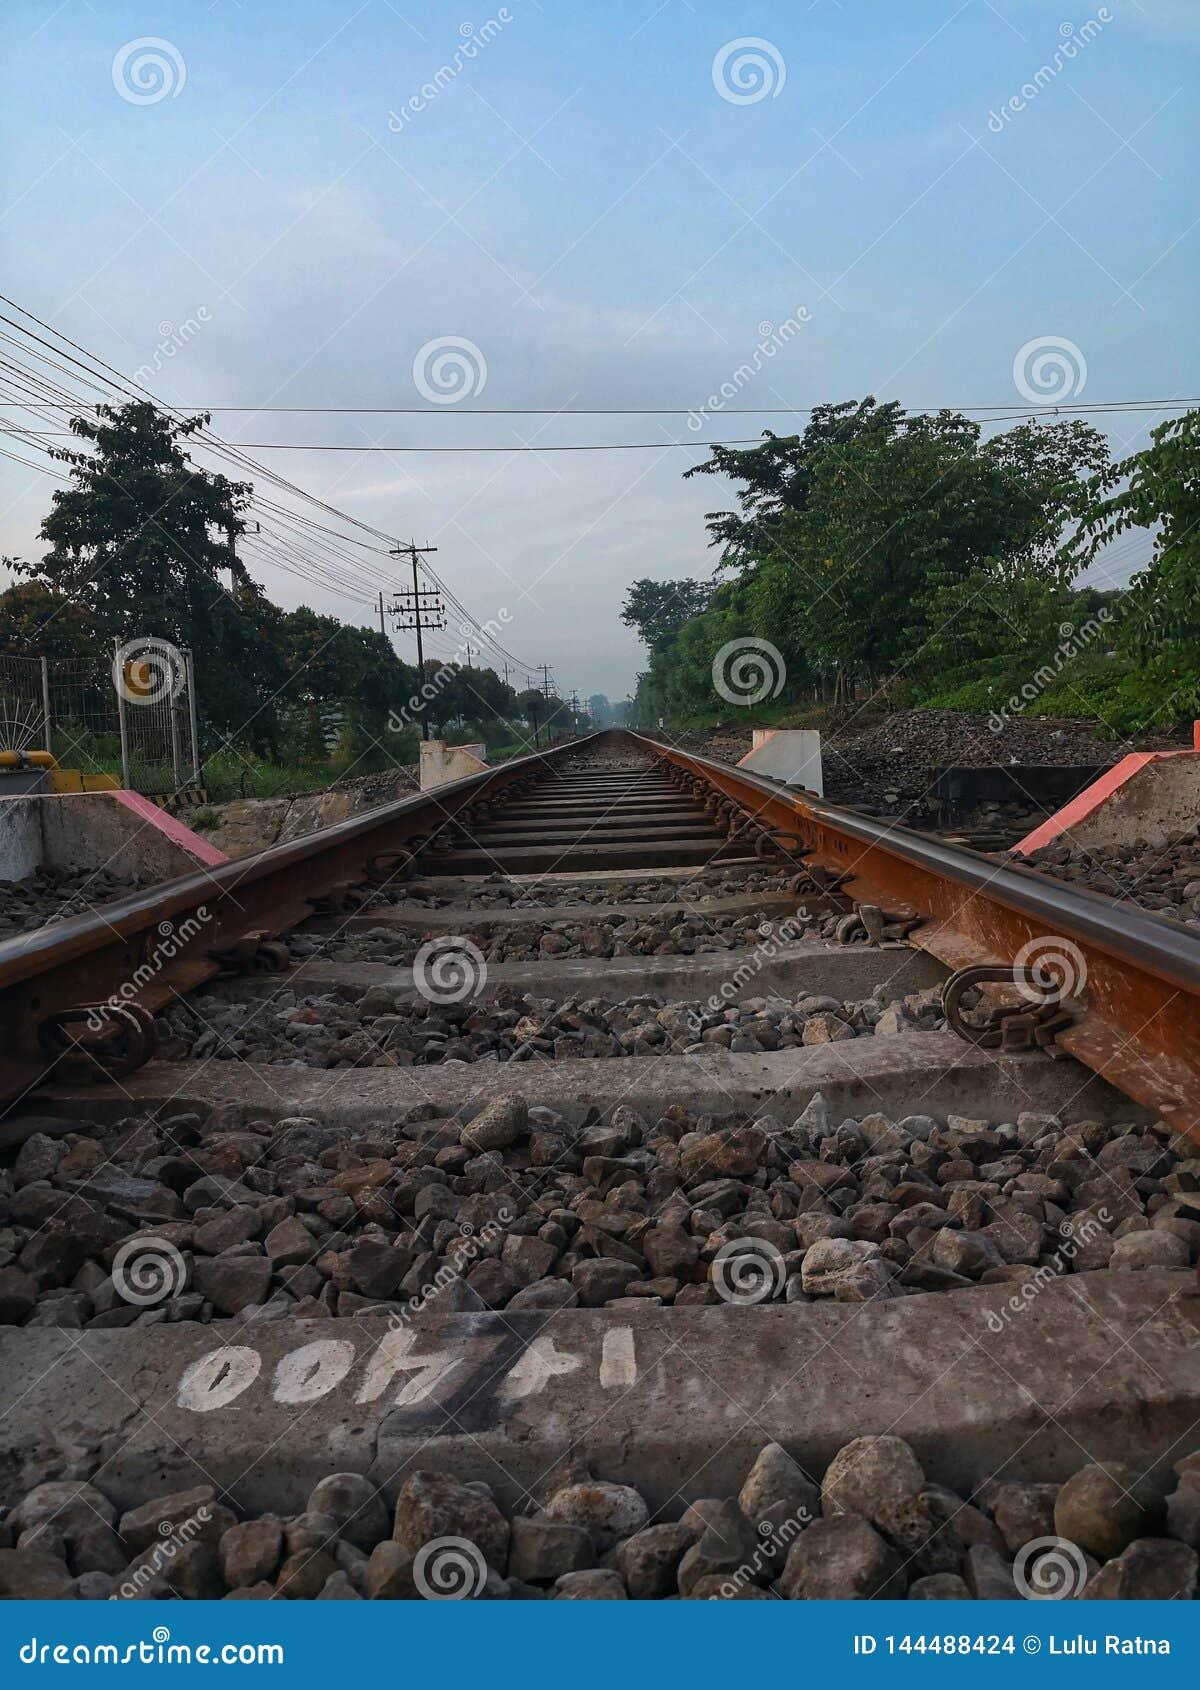 Railroad in Surabaya East Java